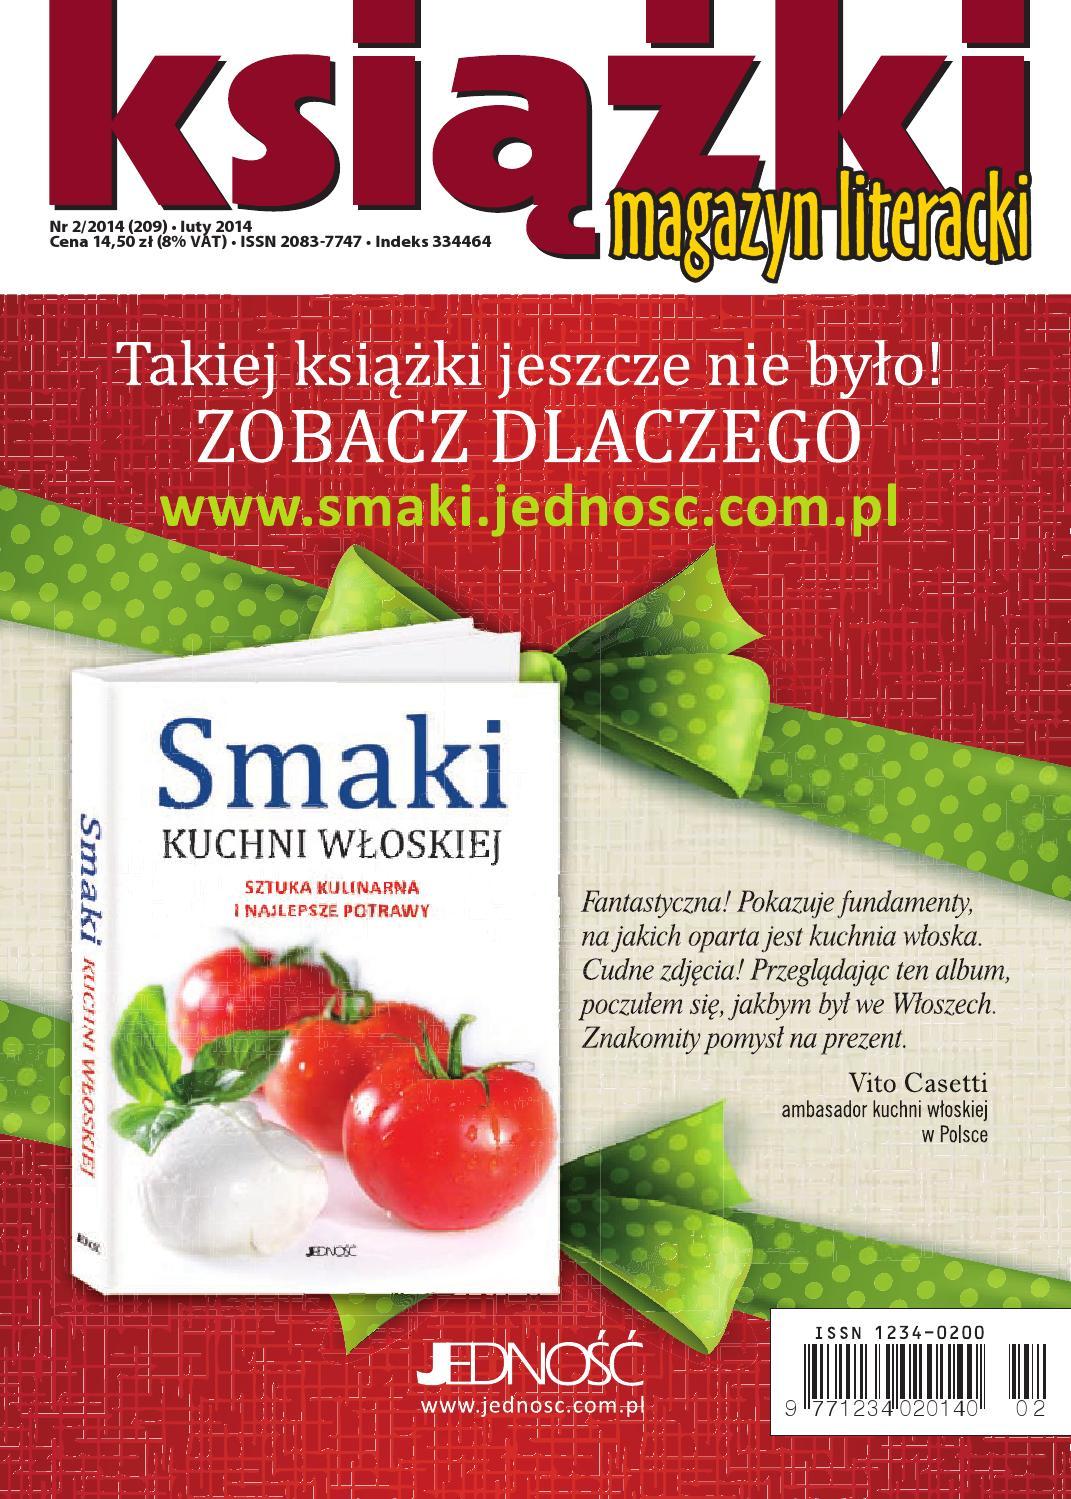 Mlk 22014 By Biblioteka Analiz Magazyn Literacki Książki